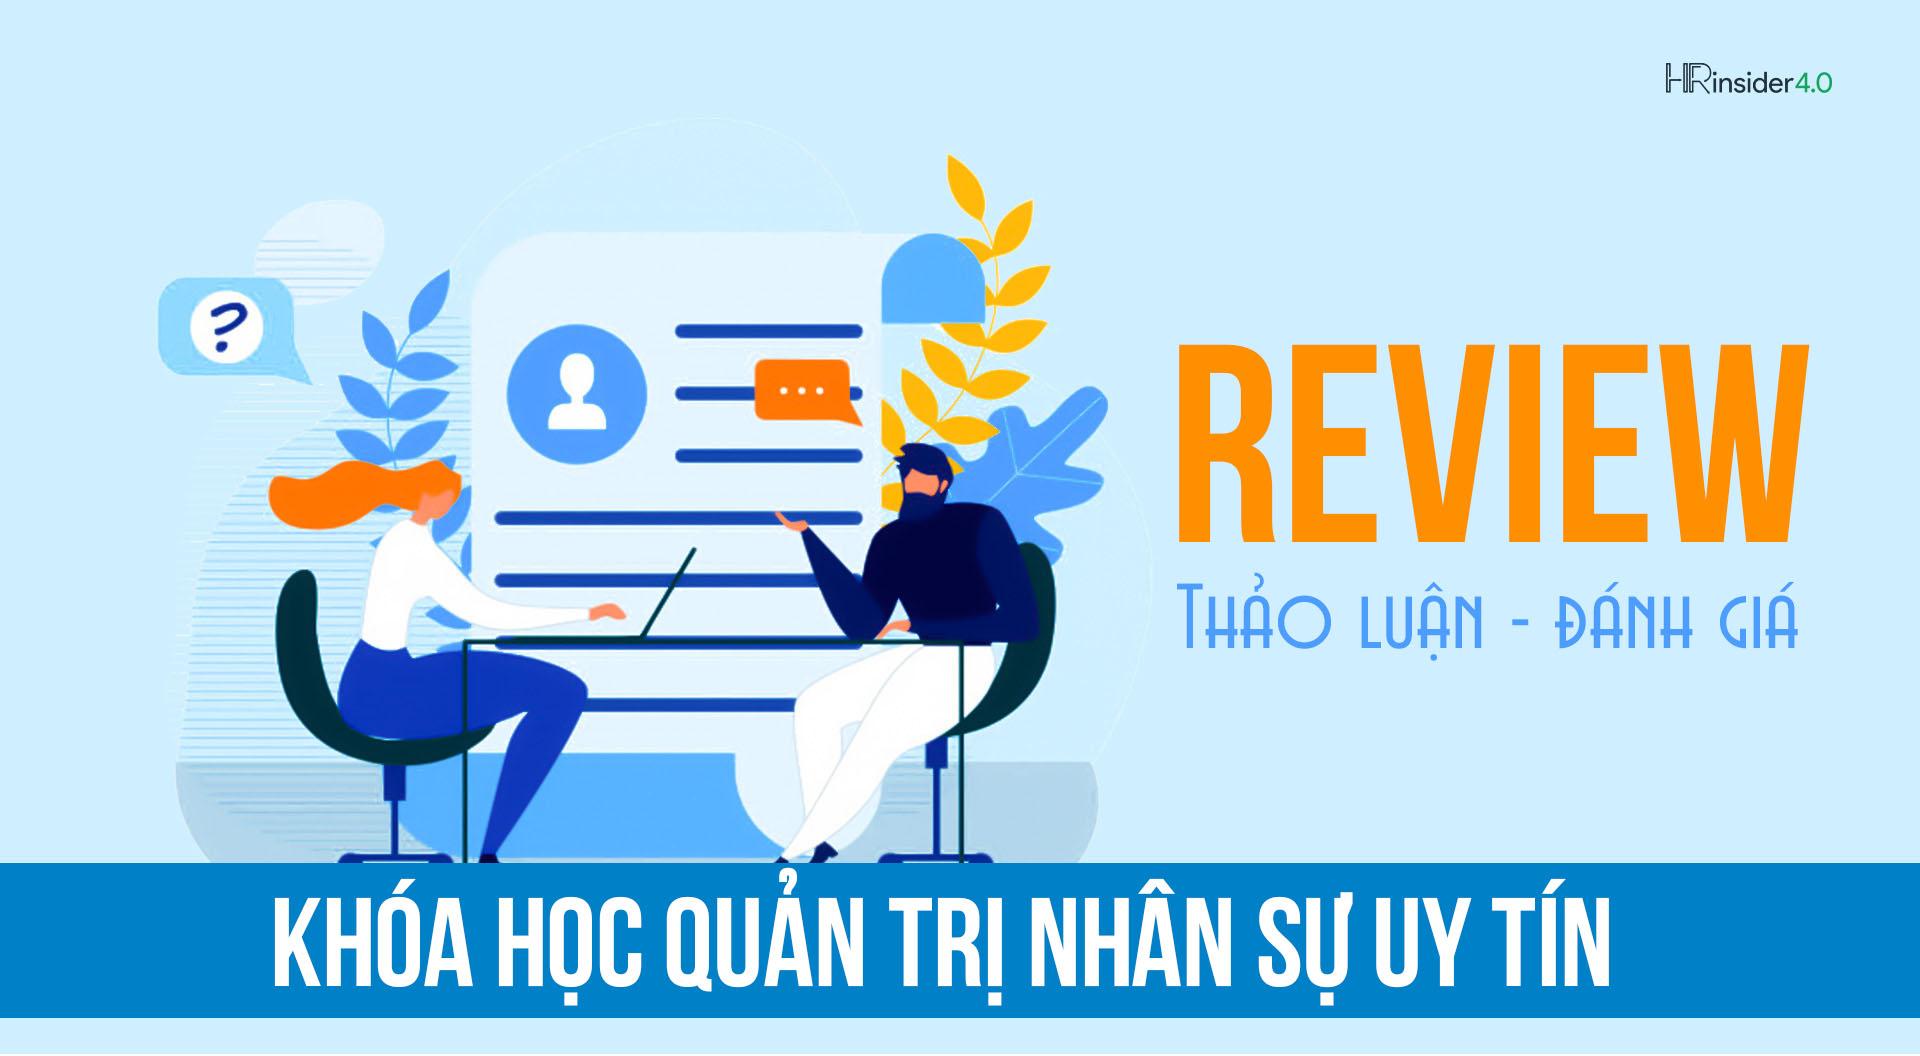 REVIEW Khóa Học Quản Trị Nhân Sự Ở Đâu Tốt Hà Nội, TPHCM